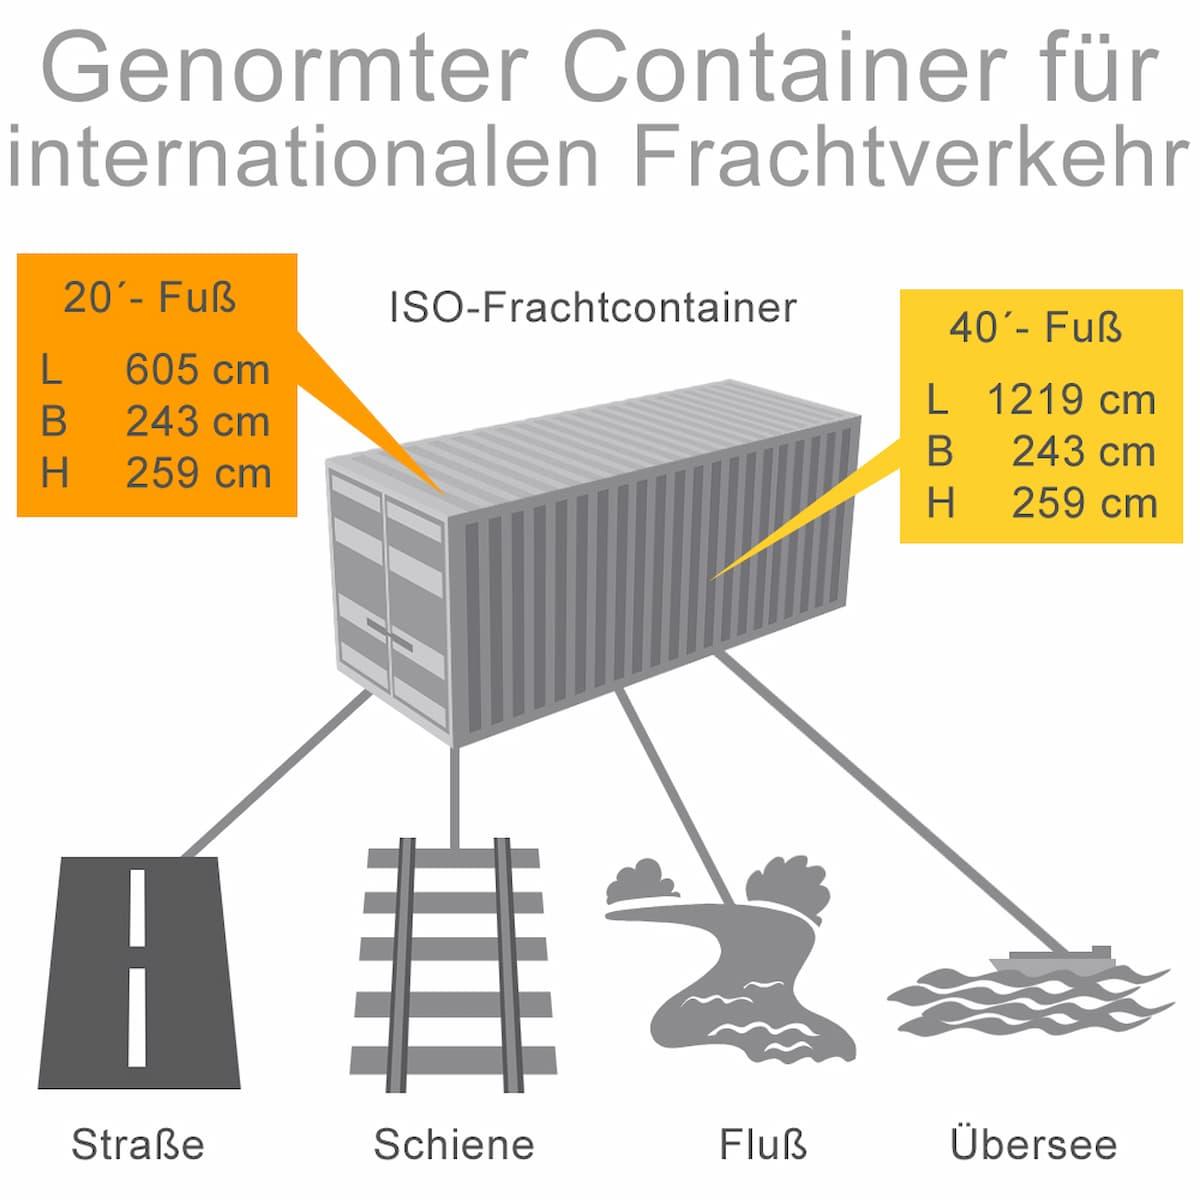 Genormte Container für den internationalen Frachtverkehr